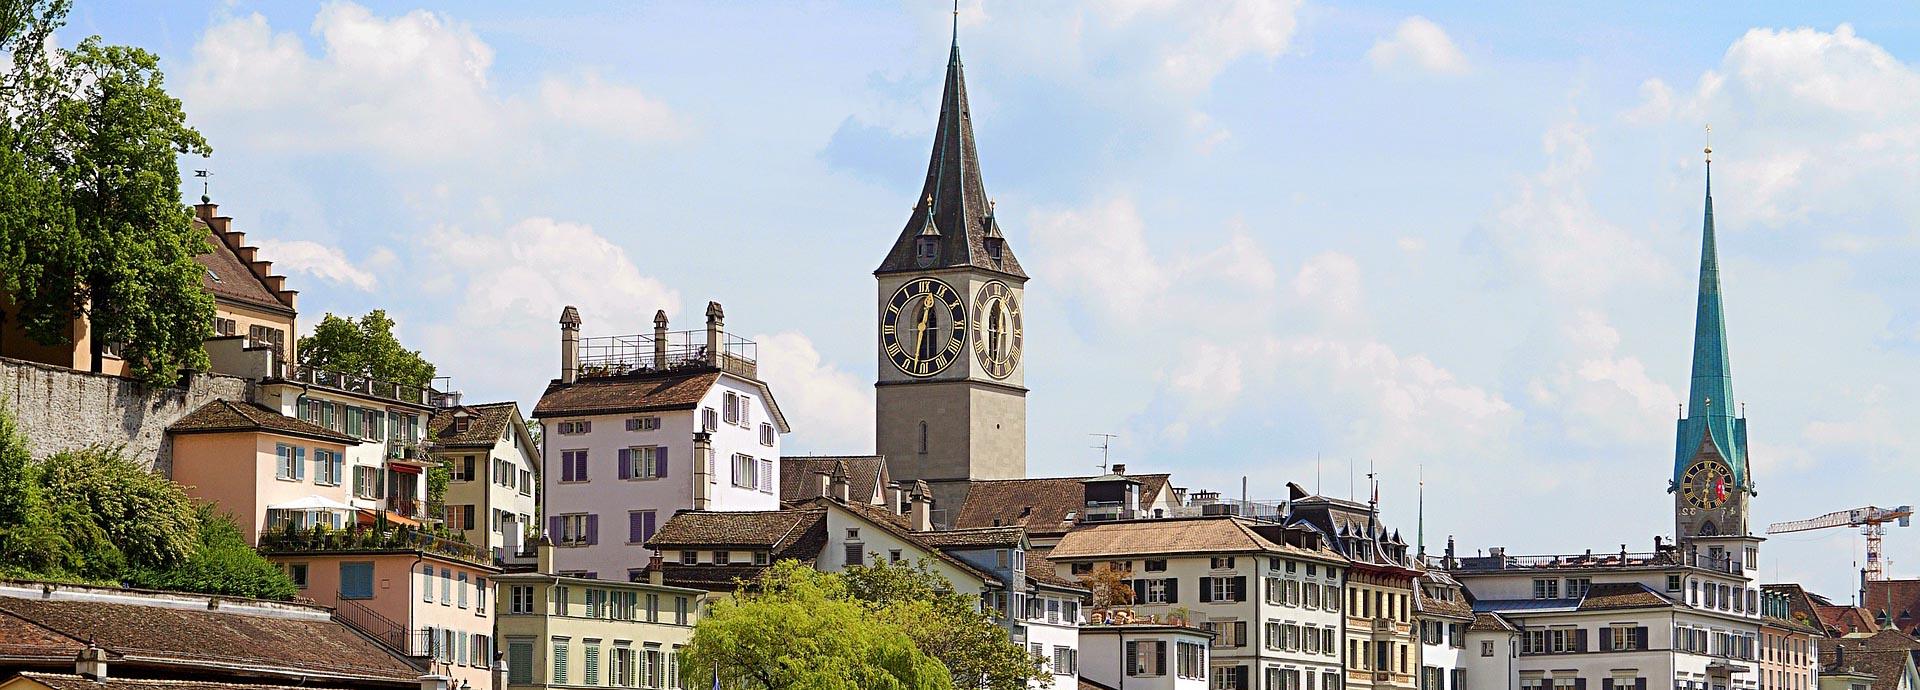 Путешествие в Цюрих Швейцария